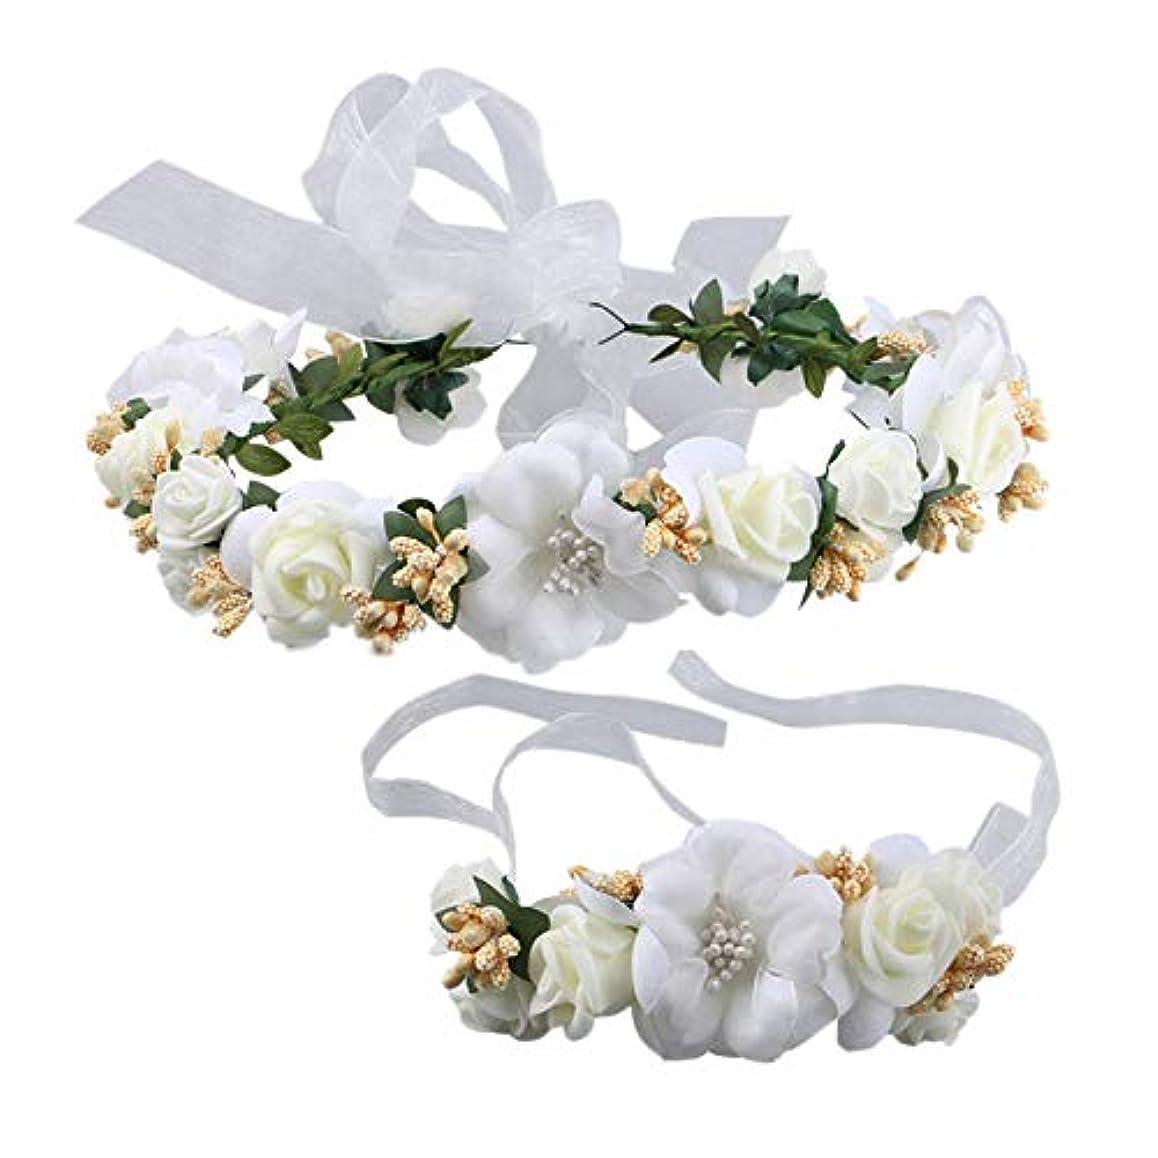 処方する帝国主義自我Merssavo ブライダルリース+手首の花韓国の海辺の花嫁介添人ティアラヘアフープウェディングアクセサリー